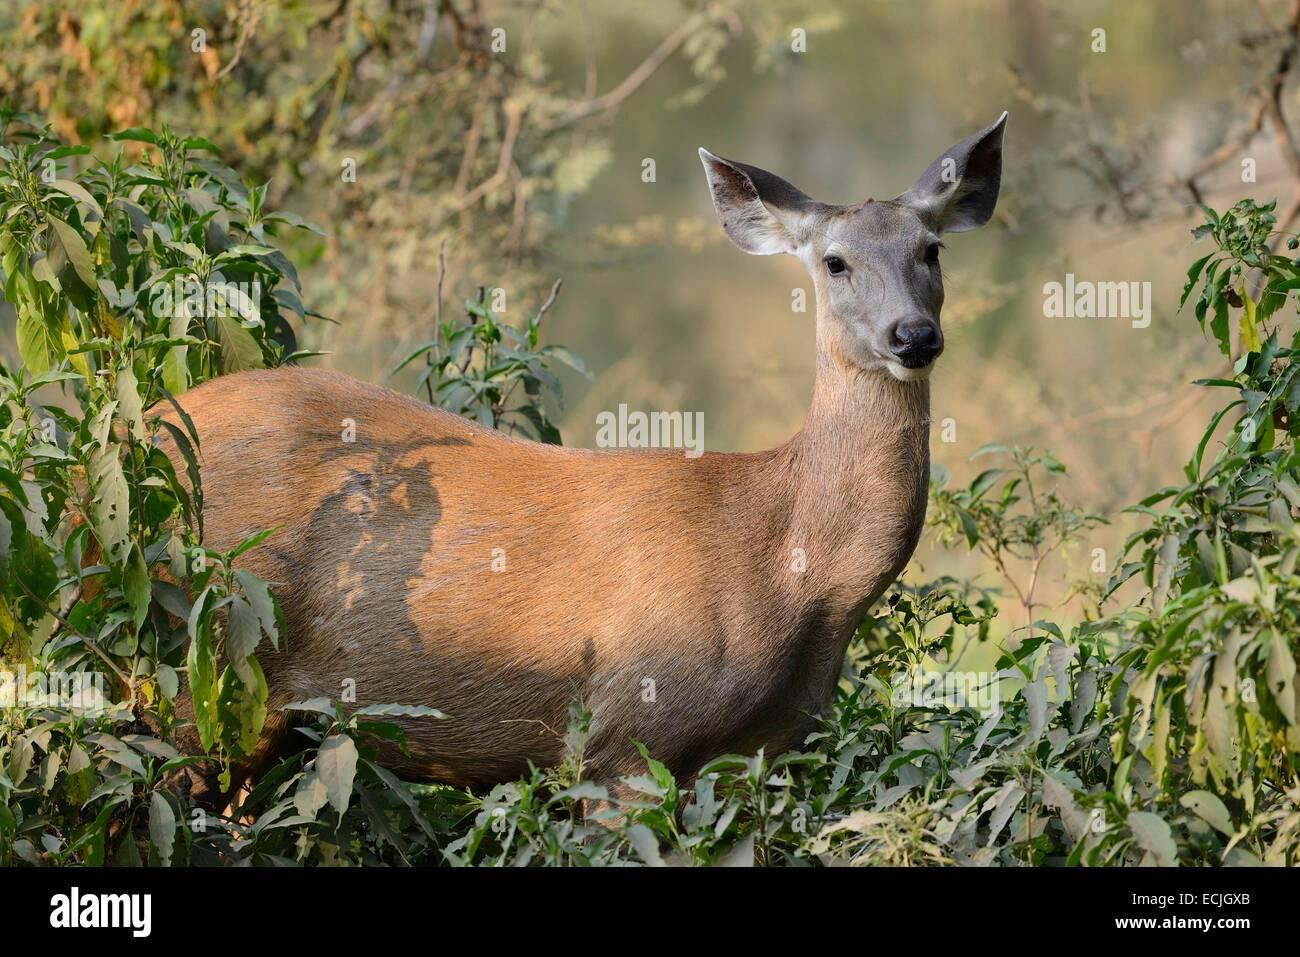 La India, Rajastán, el Parque nacional de Ranthambore, hembra de antílope Nilgai Imagen De Stock